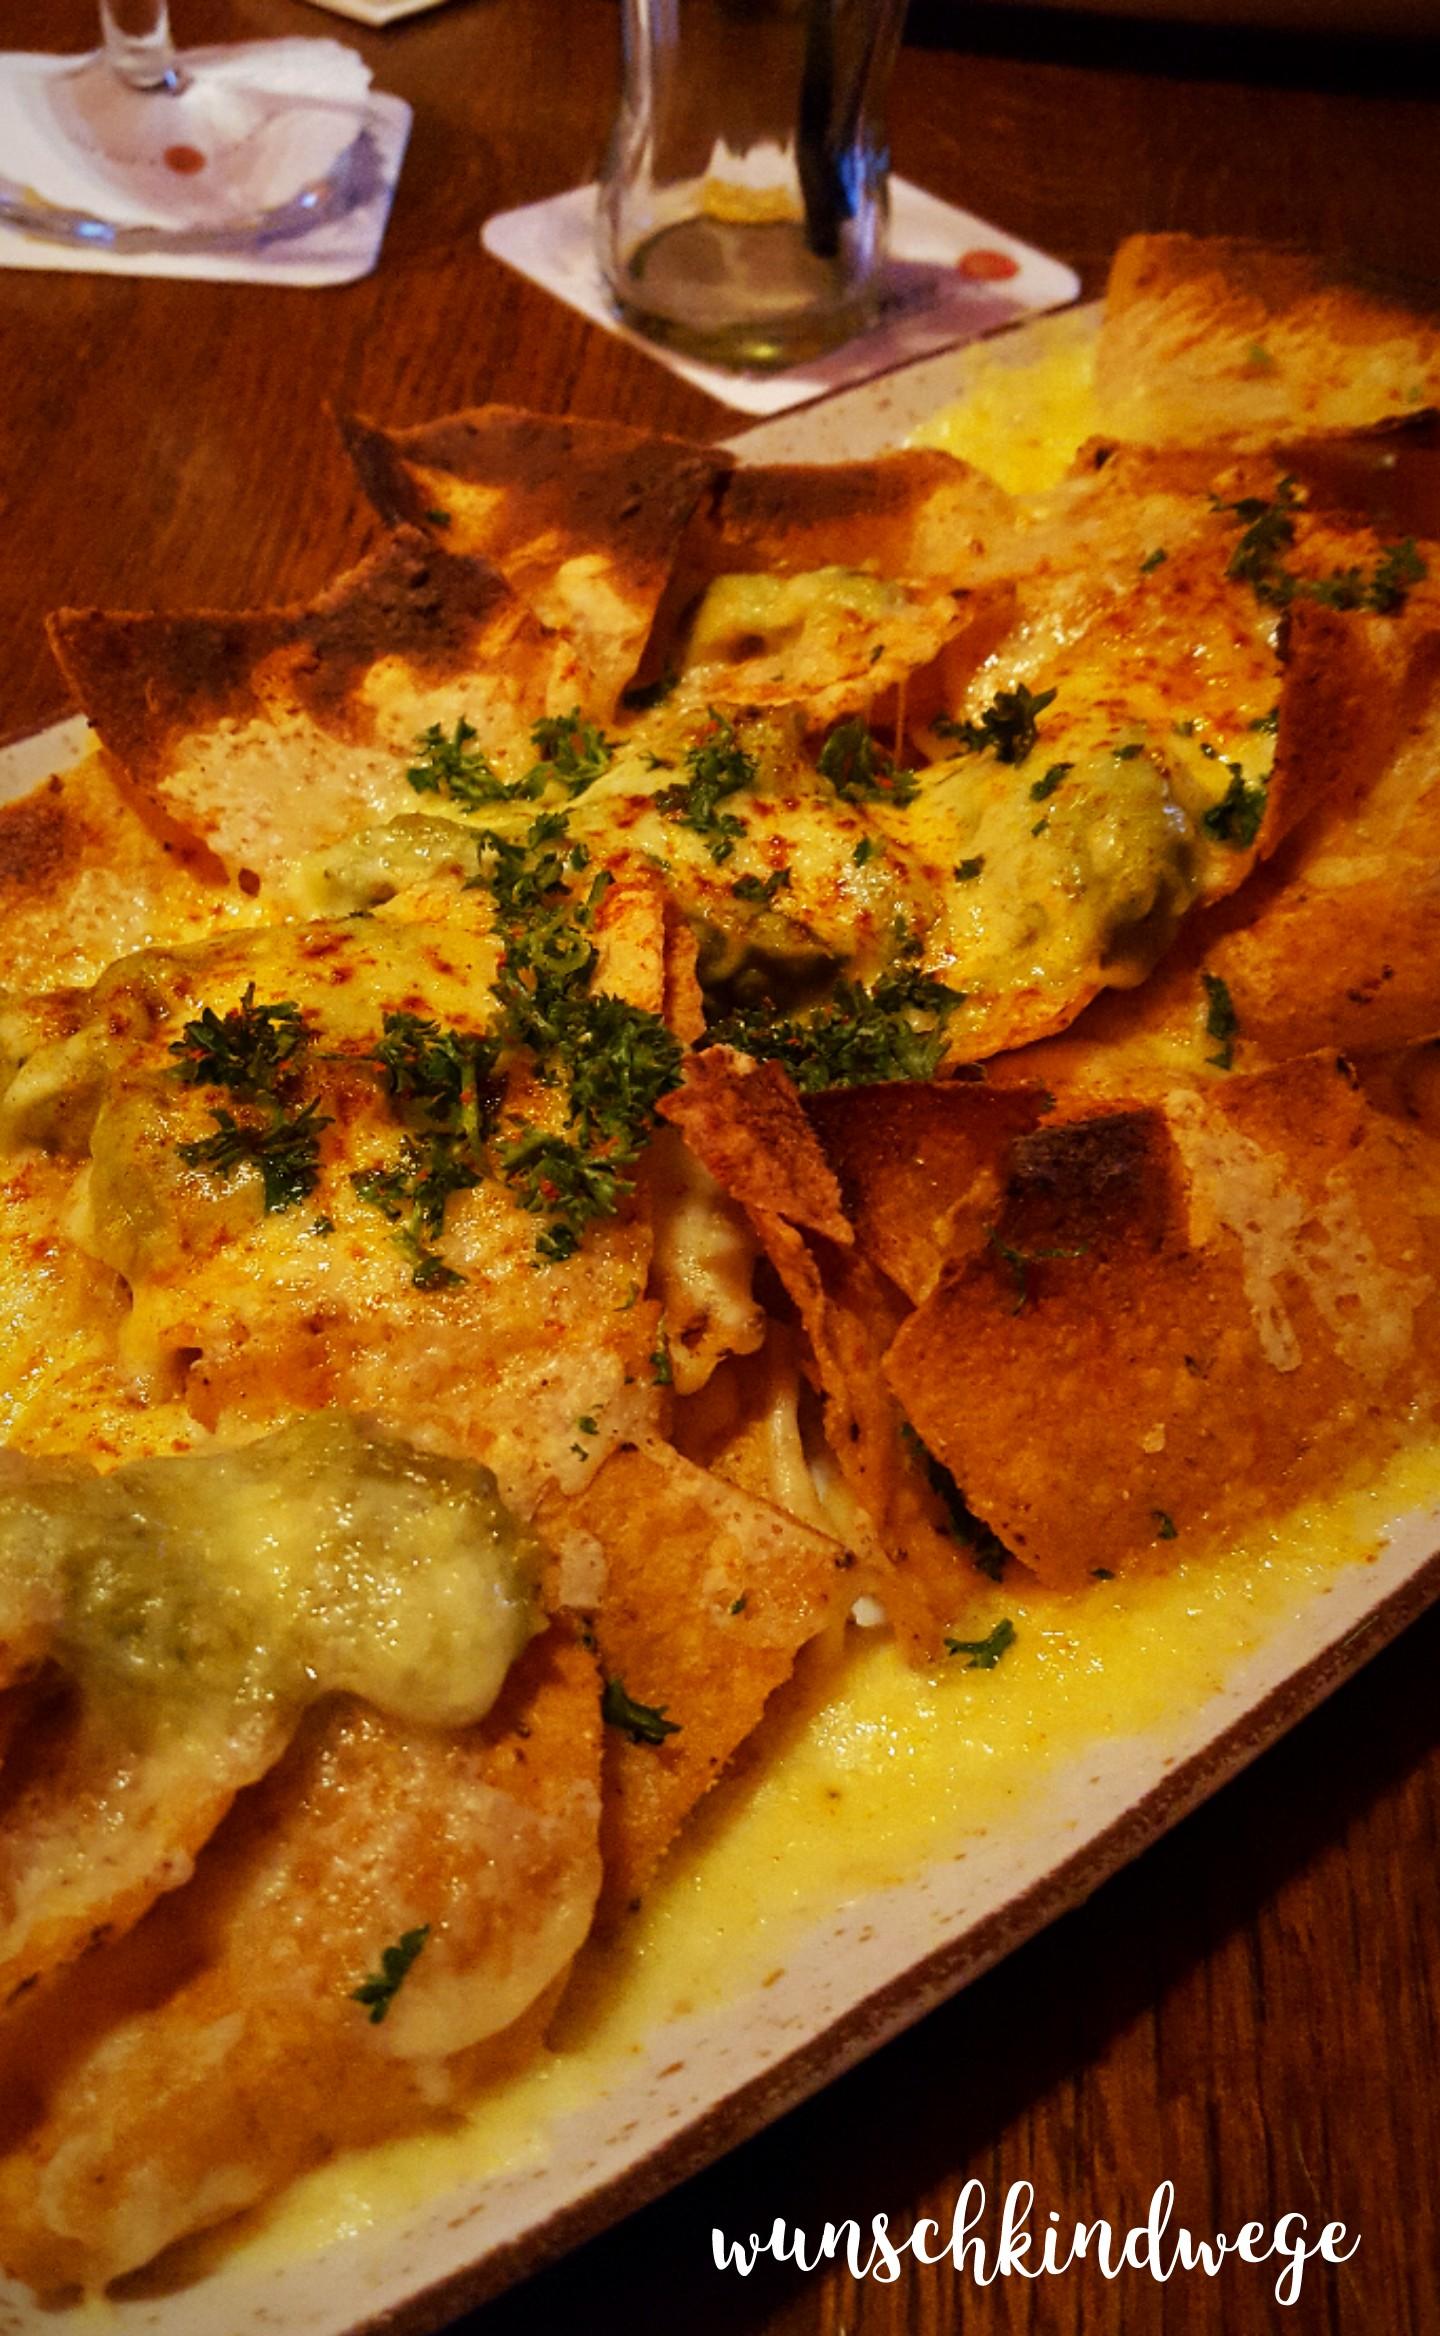 Wochenende in Bildern 18./19. November 2017: Nachos mit Guacamole